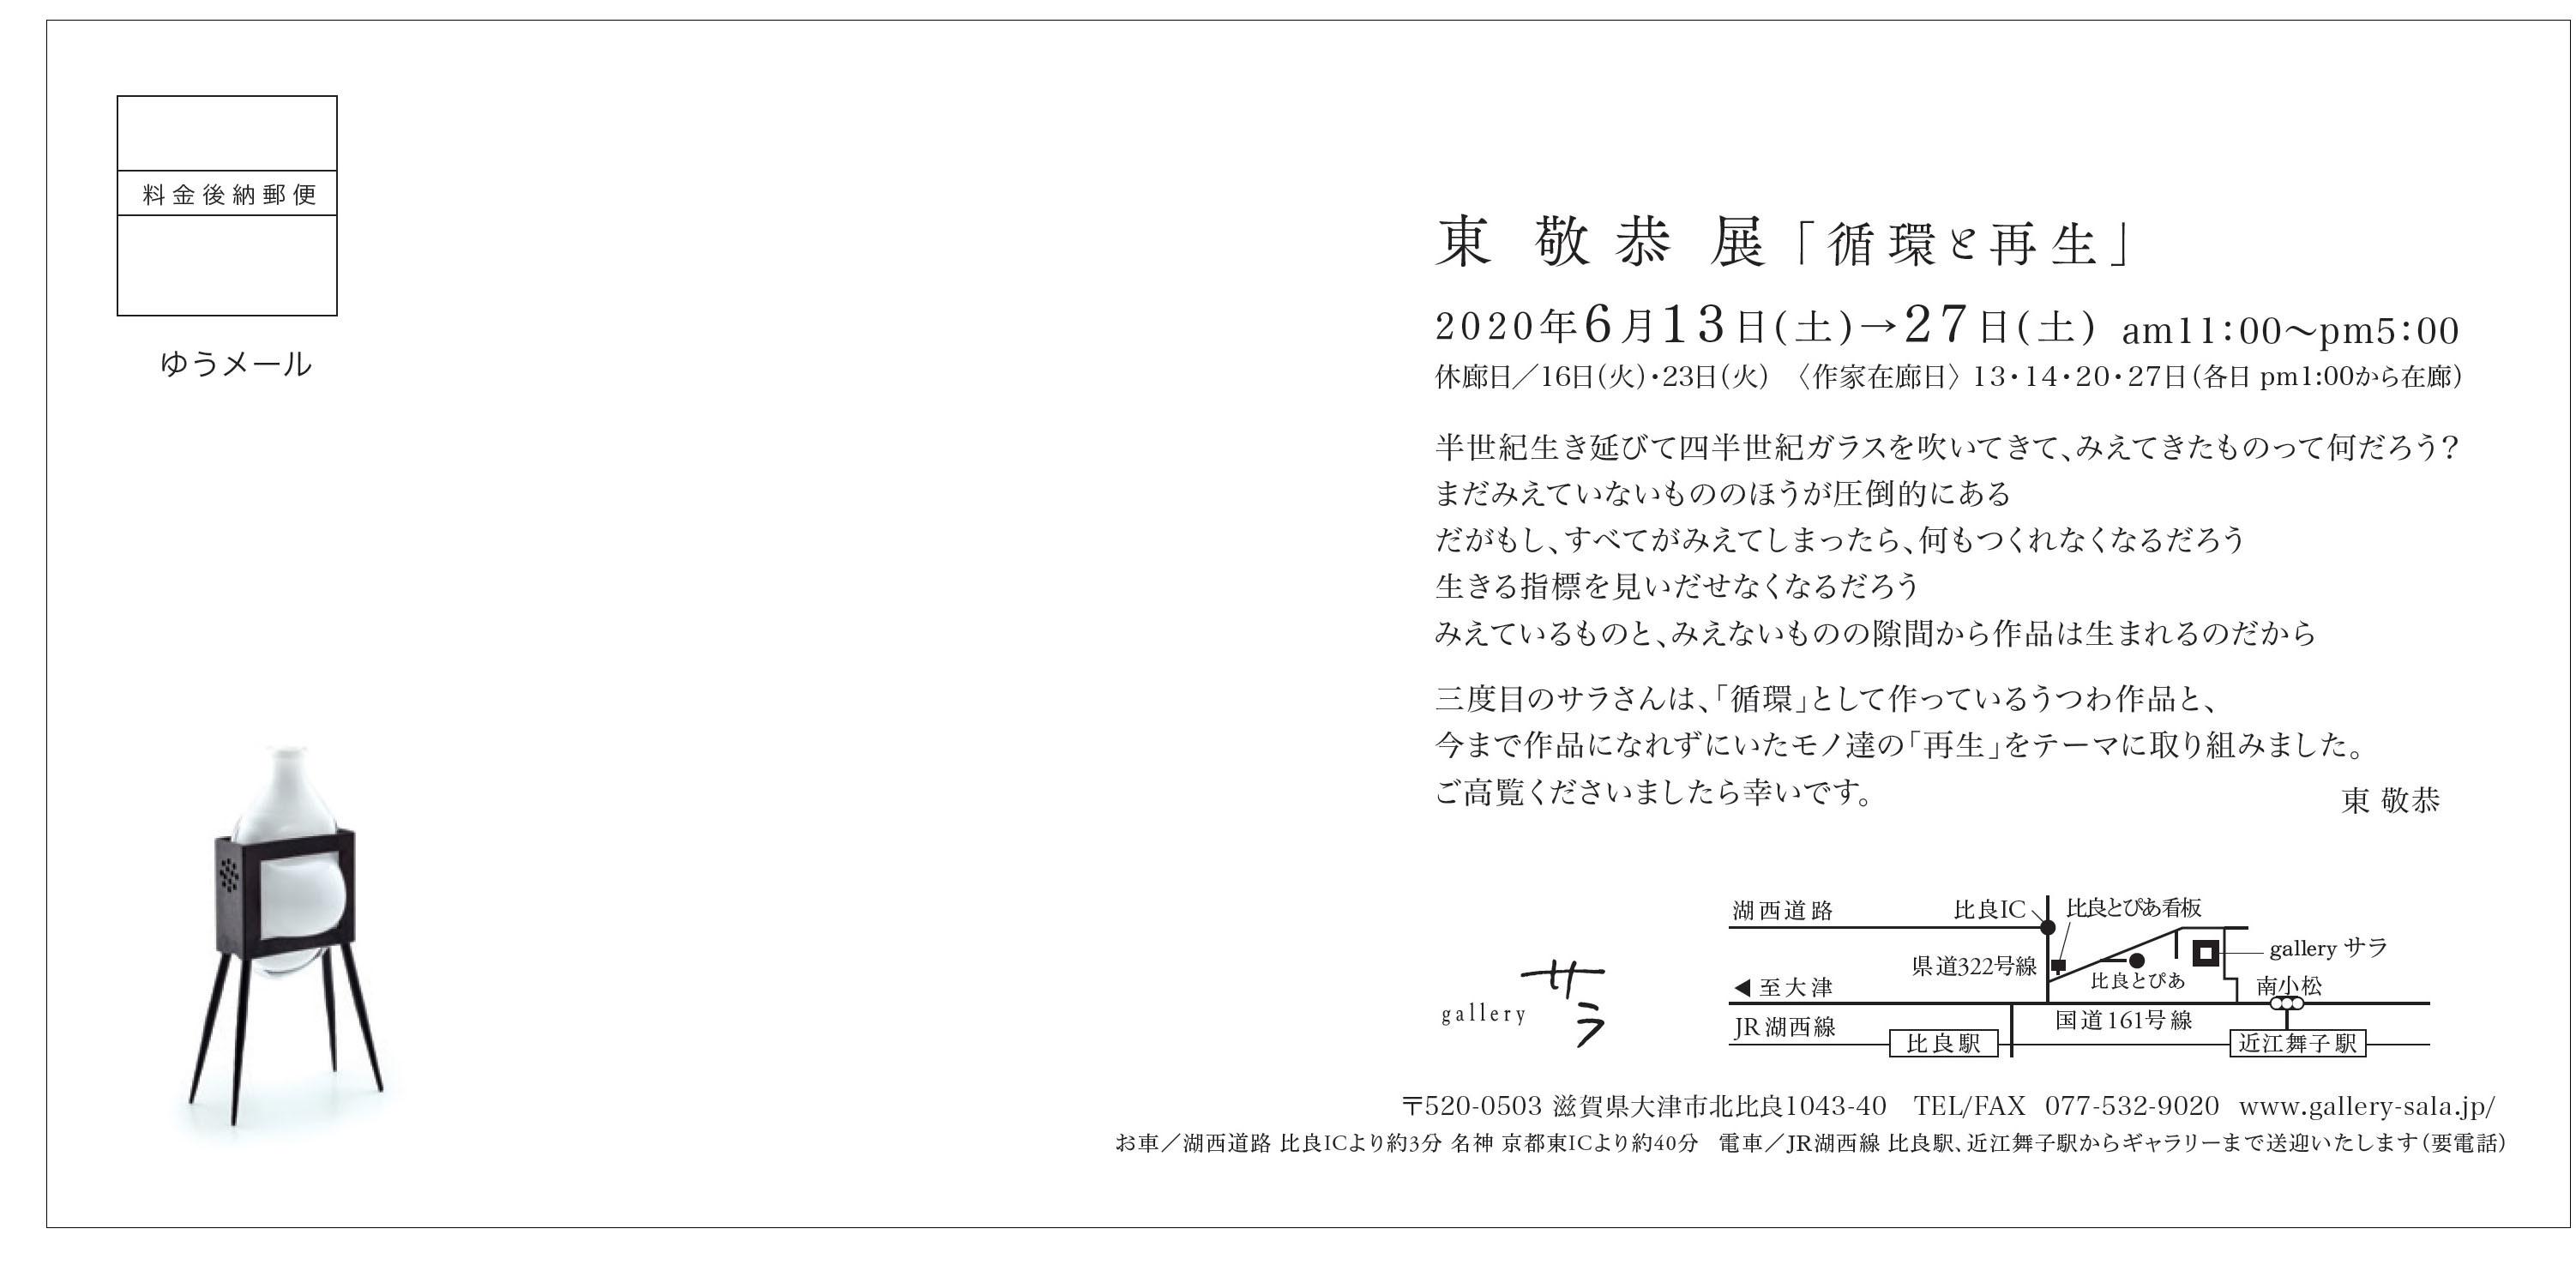 galleryサラ(大津)での個展のお知らせ_c0212902_16321599.jpg